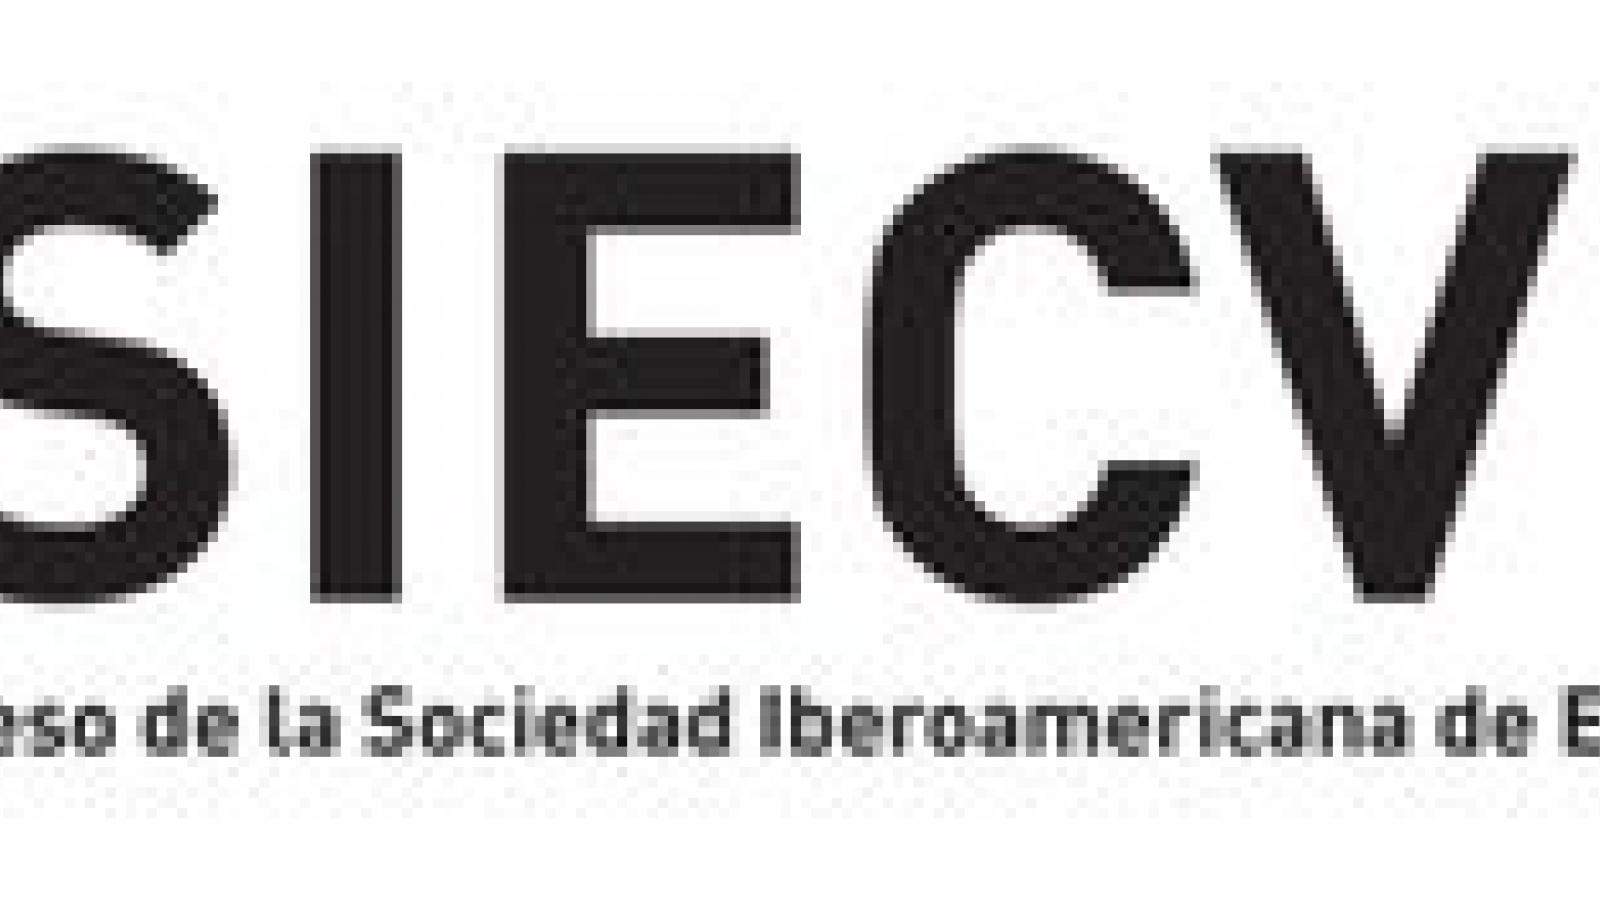 CSIECV